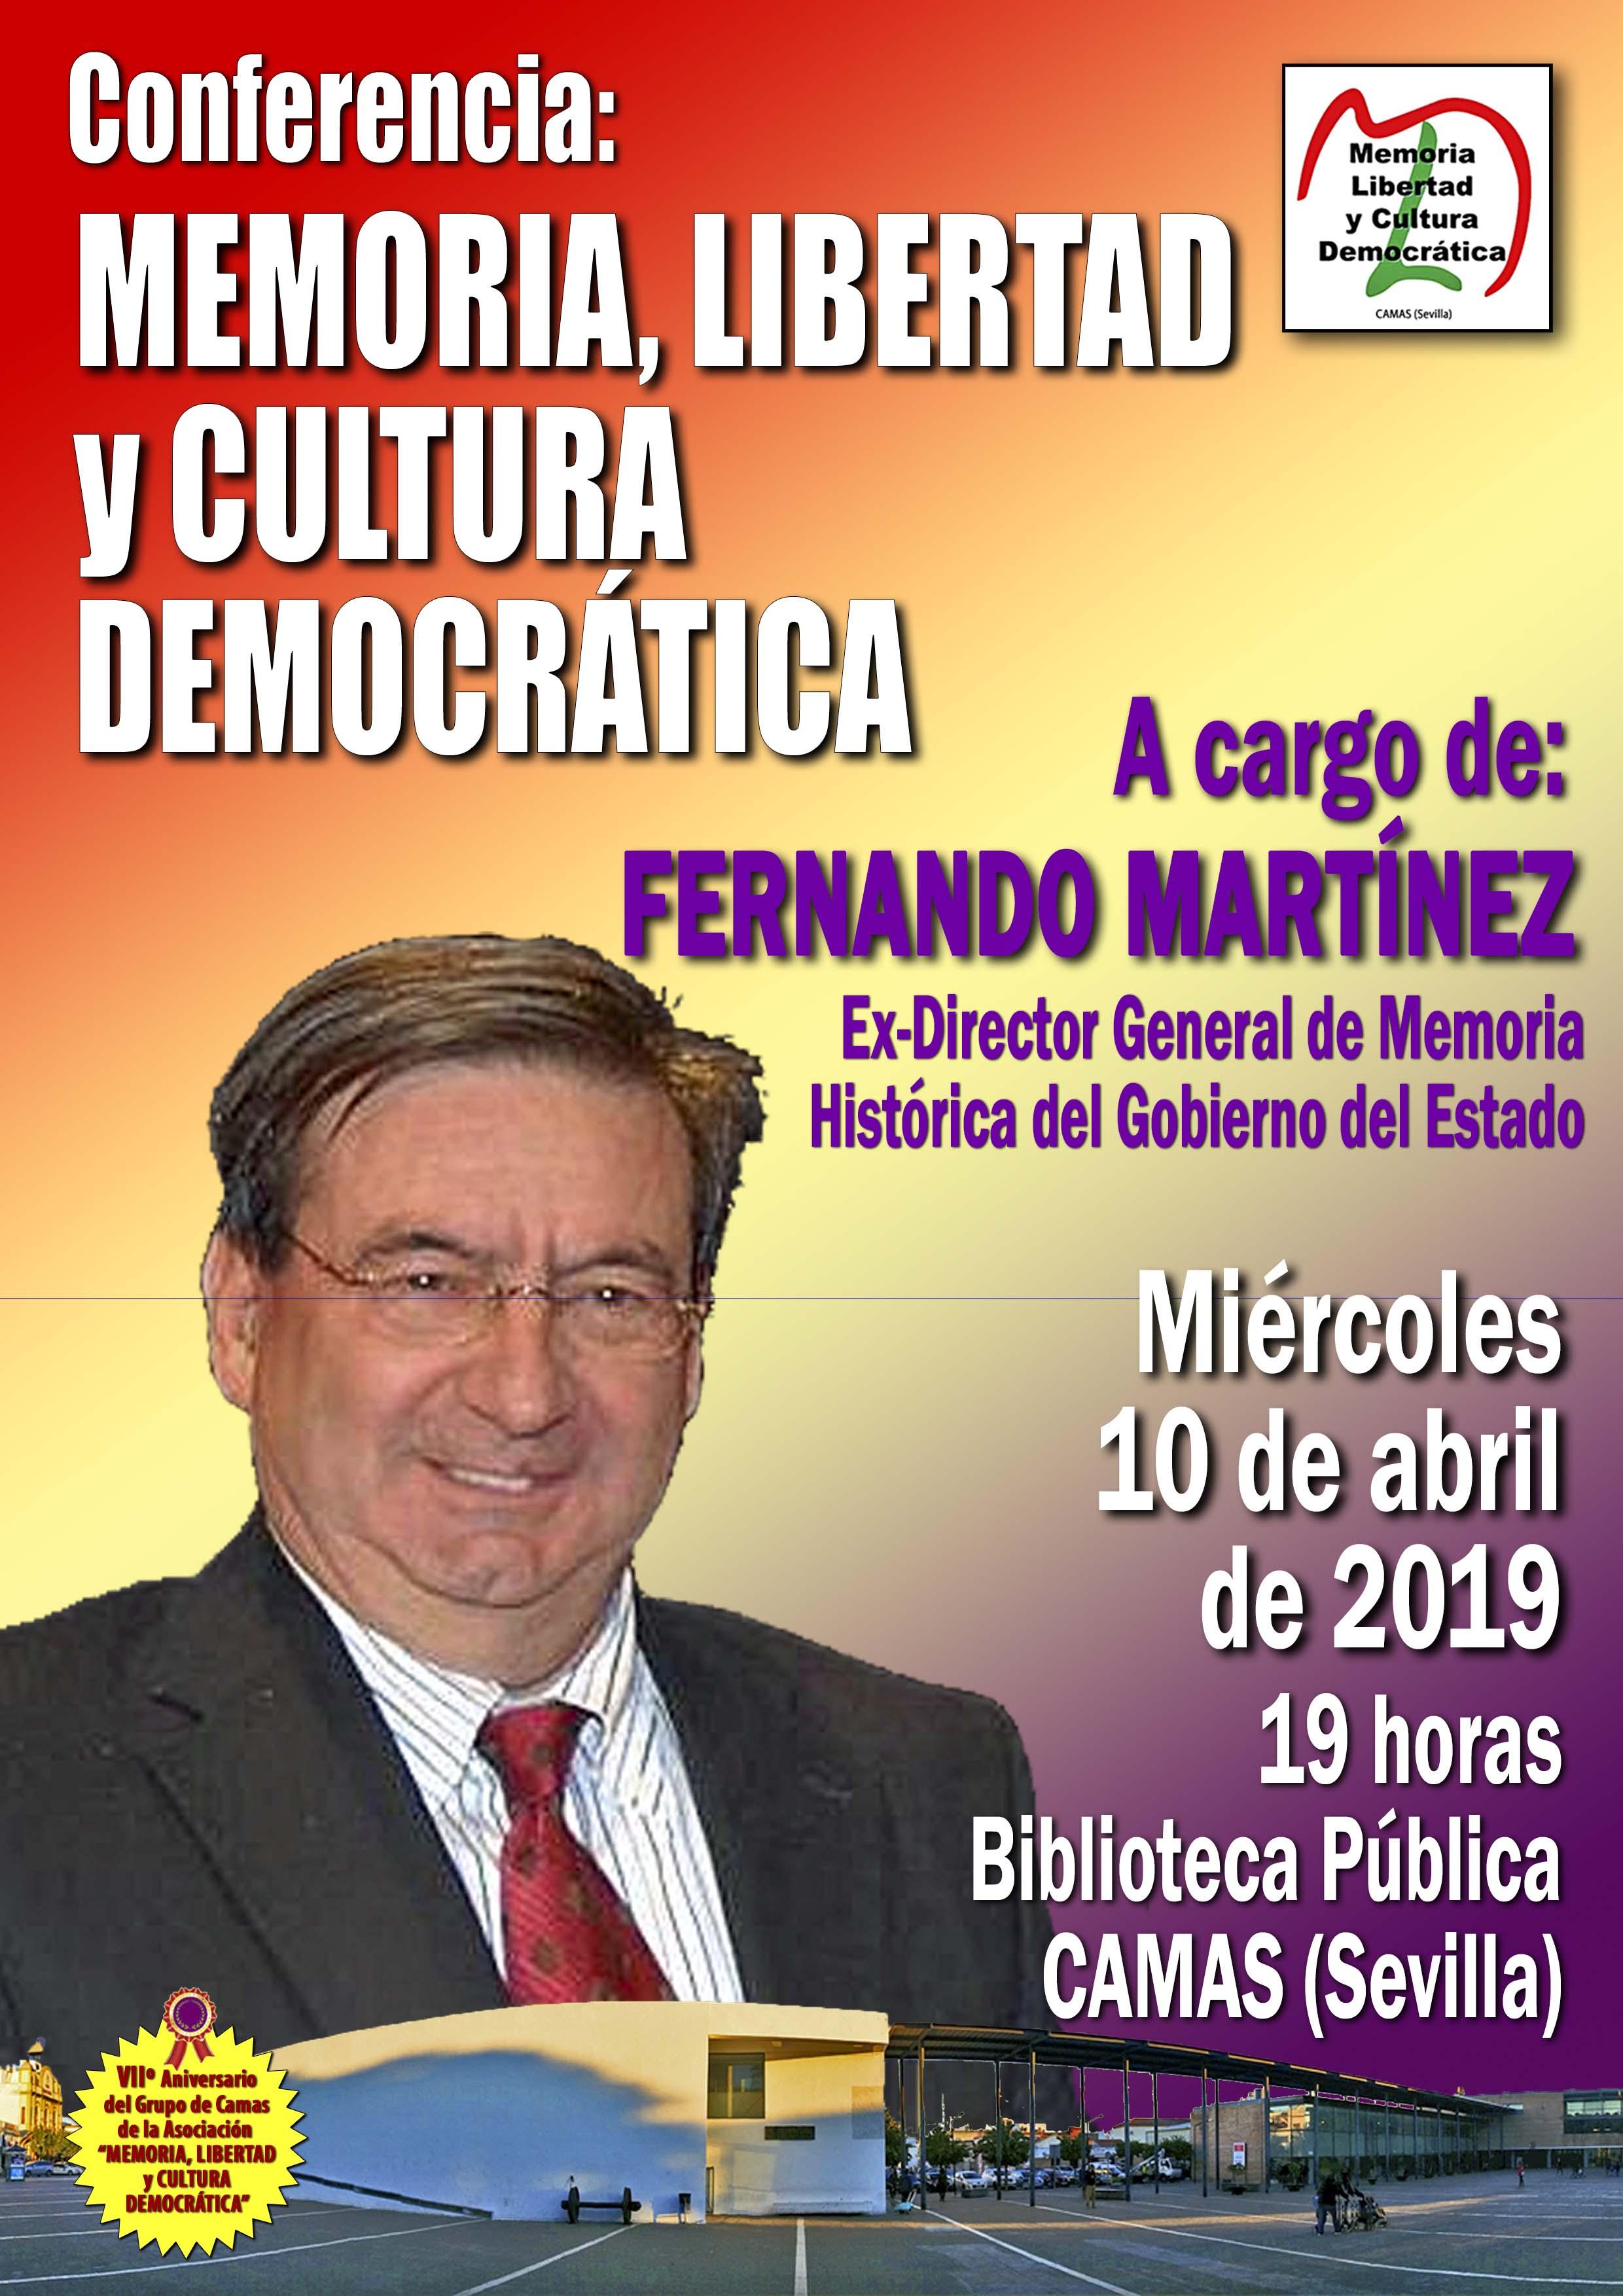 Conferencia Fernando Martínez. 10.04.2019